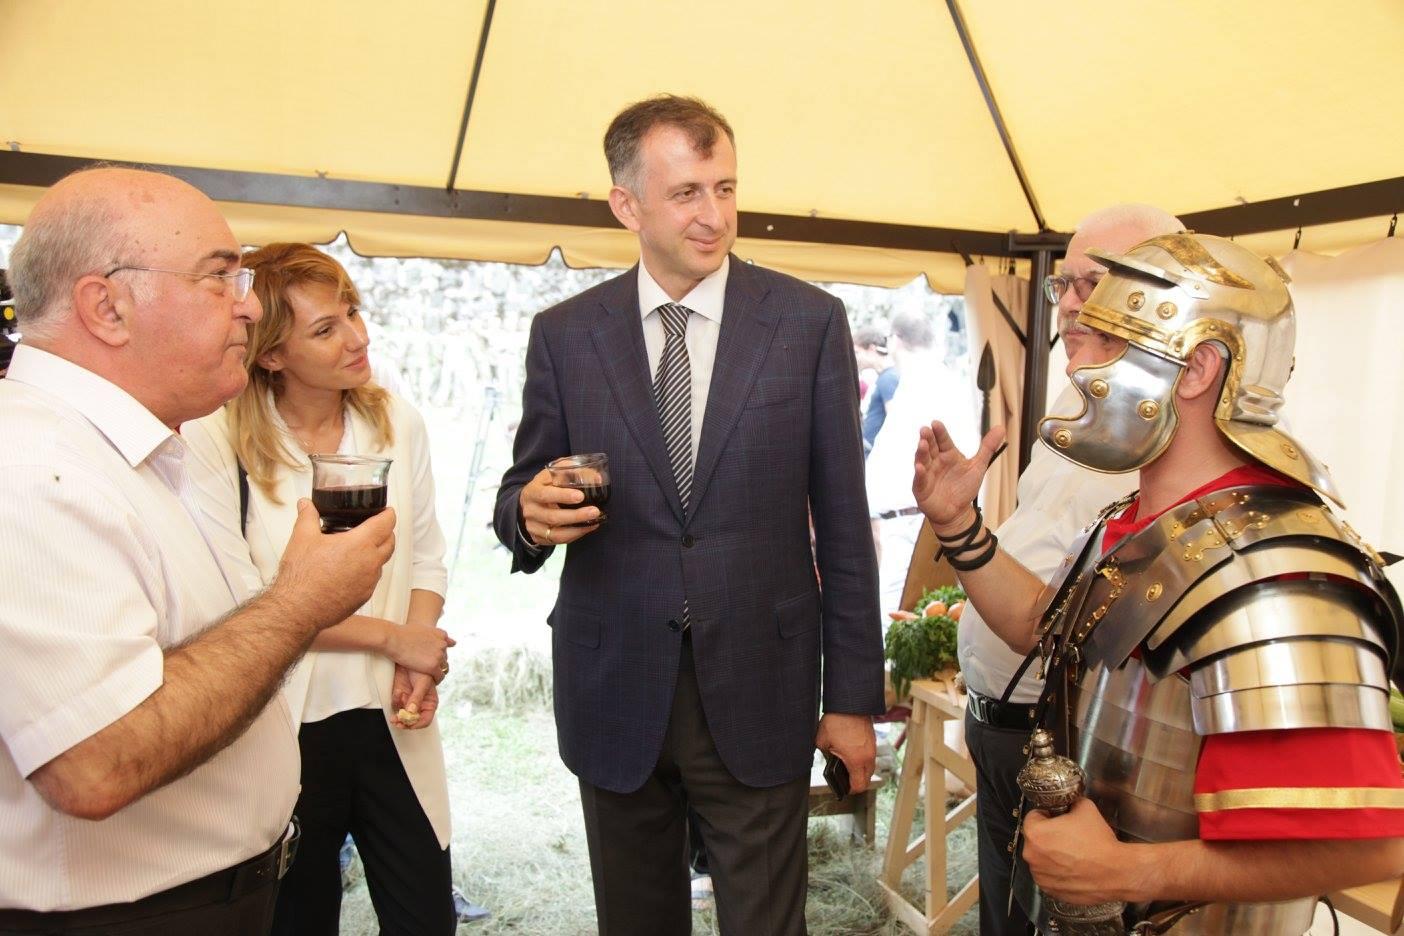 """აჭარის მთავრობის თავმჯდომარე წარმოდგენას """"რომაელი ჯარისკაცის ერთი დღე გონიოში"""" დაესწრო"""